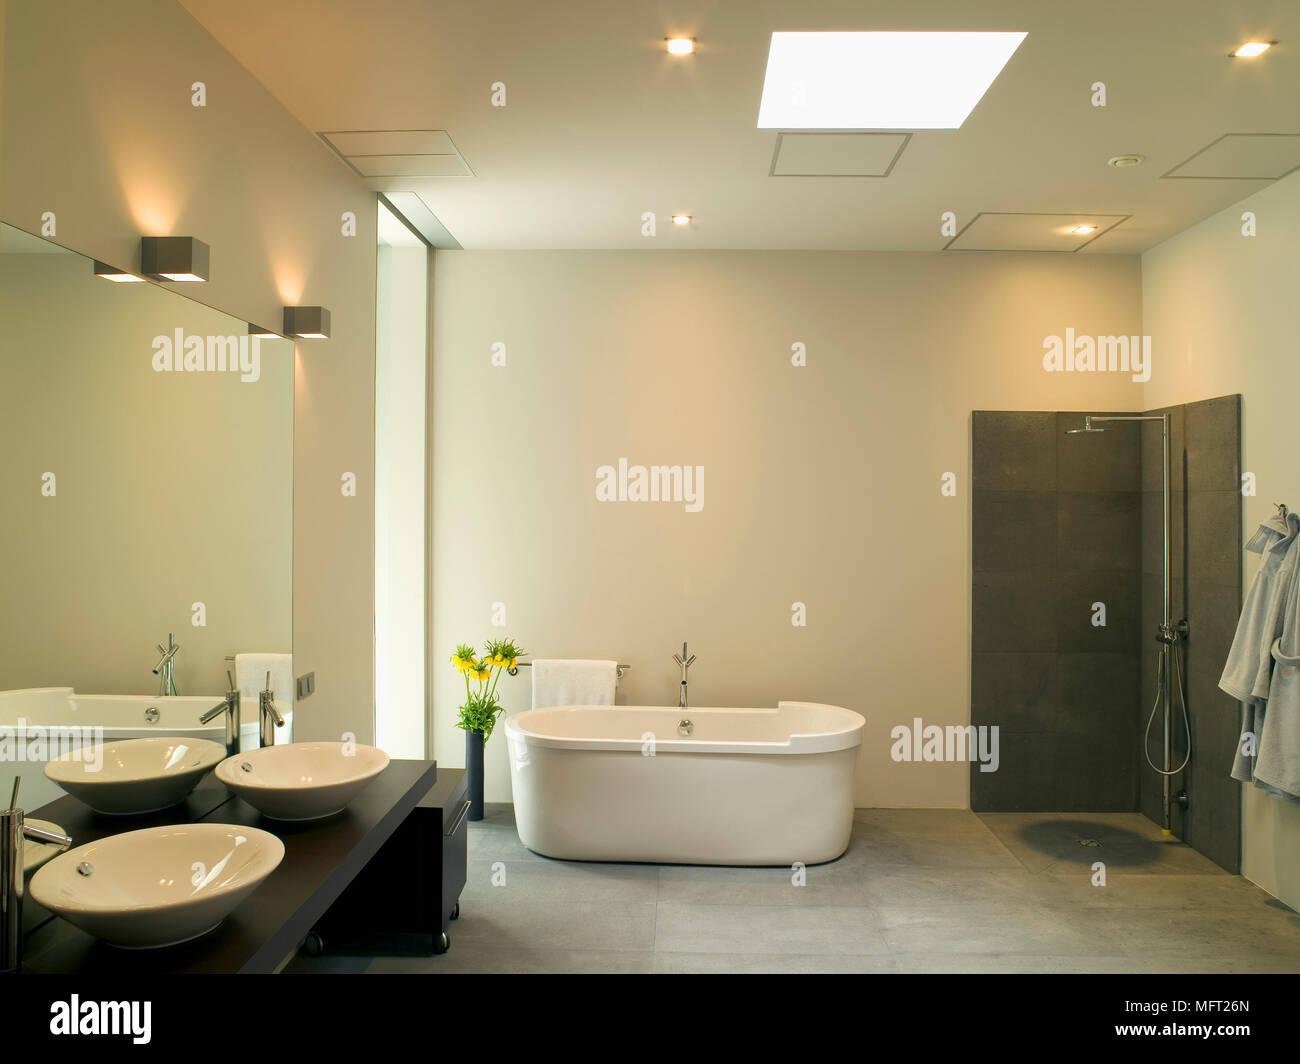 Bad Mit Freistehende Badewanne Malerei | Freistehende Badewanne Im Modernen Badezimmer Stockfoto Bild